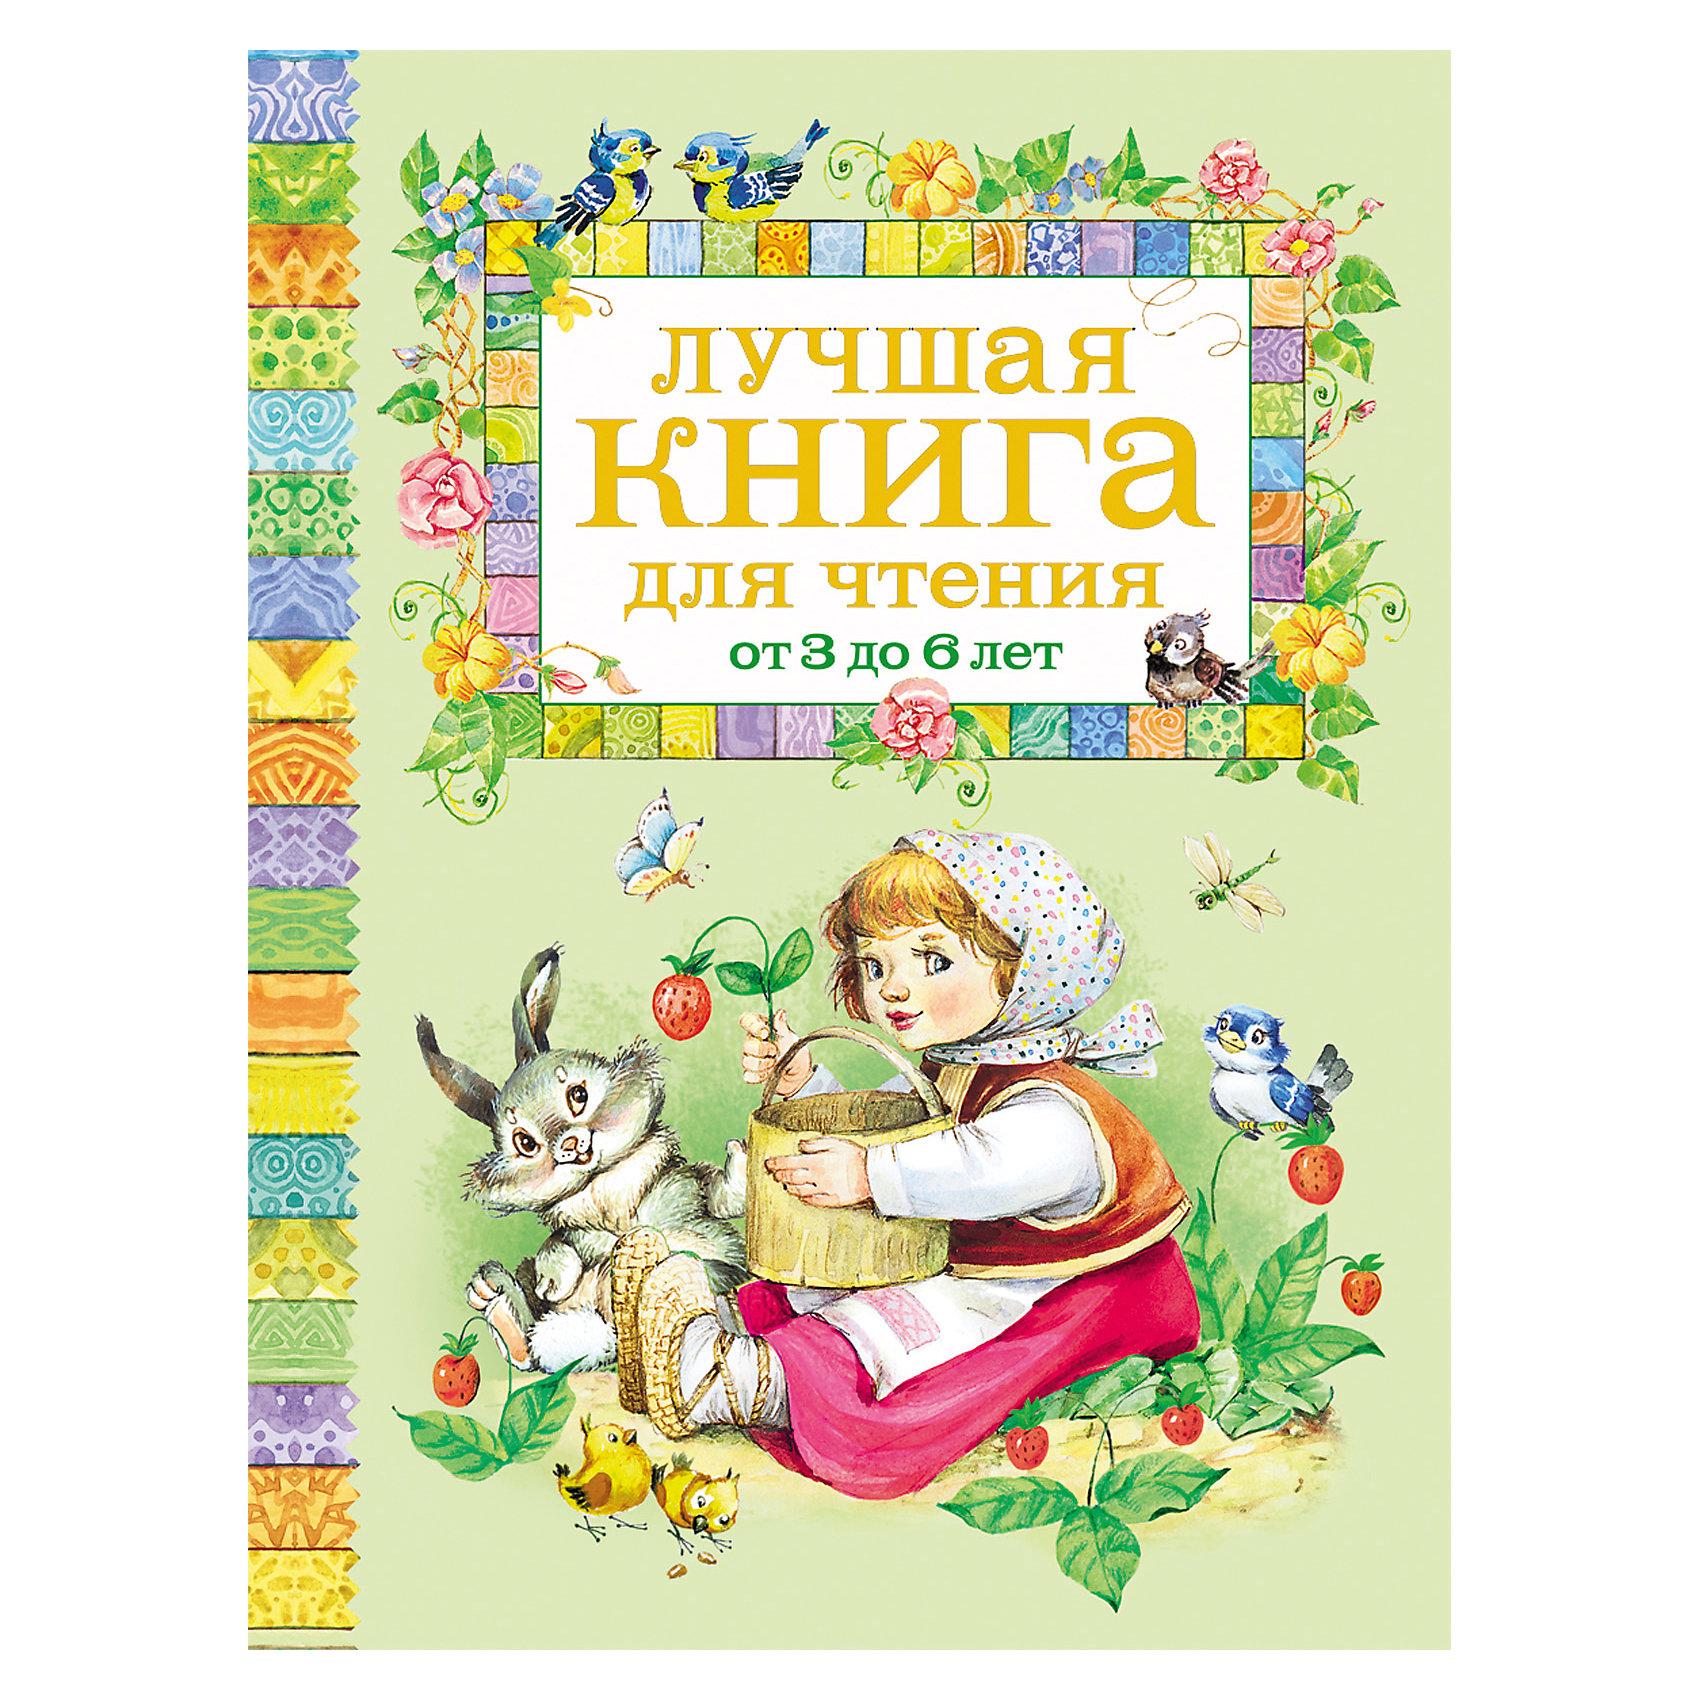 Росмэн Лучшая книга для чтения от 3 до 6 лет лихачев д пер повесть временных лет